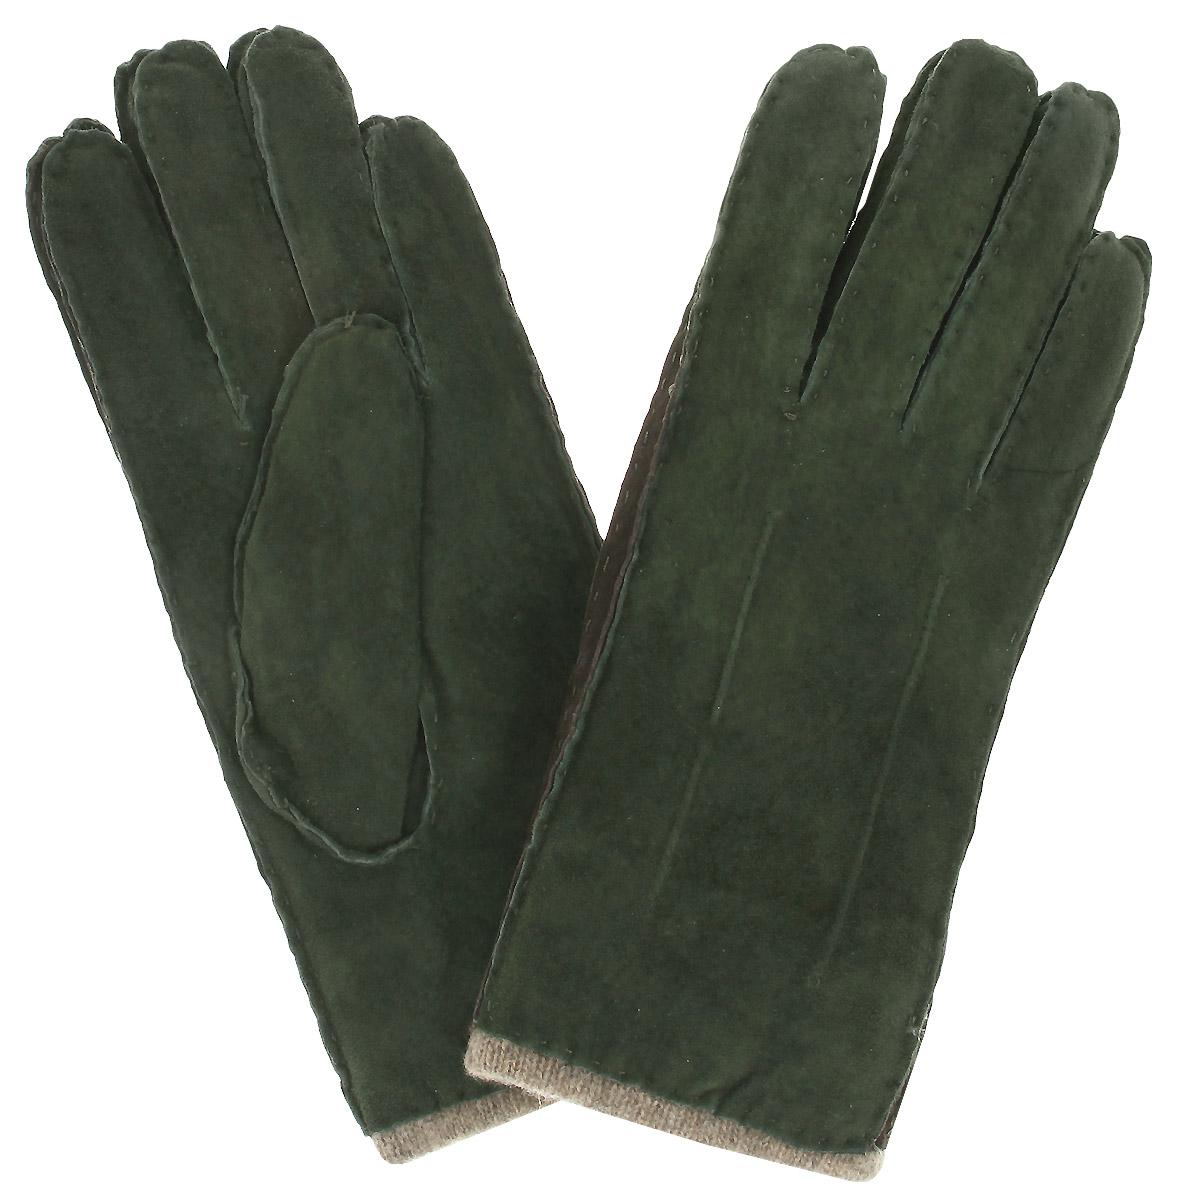 Перчатки женские. SP16_FIASP16_FIA/VERDE.BRСтильные женские перчатки Dali Exclusive с подкладкой из 100% шерсти выполнены из мягкой и приятной на ощупь натуральной замши. С лицевой стороны перчатки оформлены декоративными стежками. Такие перчатки подчеркнут ваш стиль и неповторимость и придадут всему образу нотки женственности и элегантности.